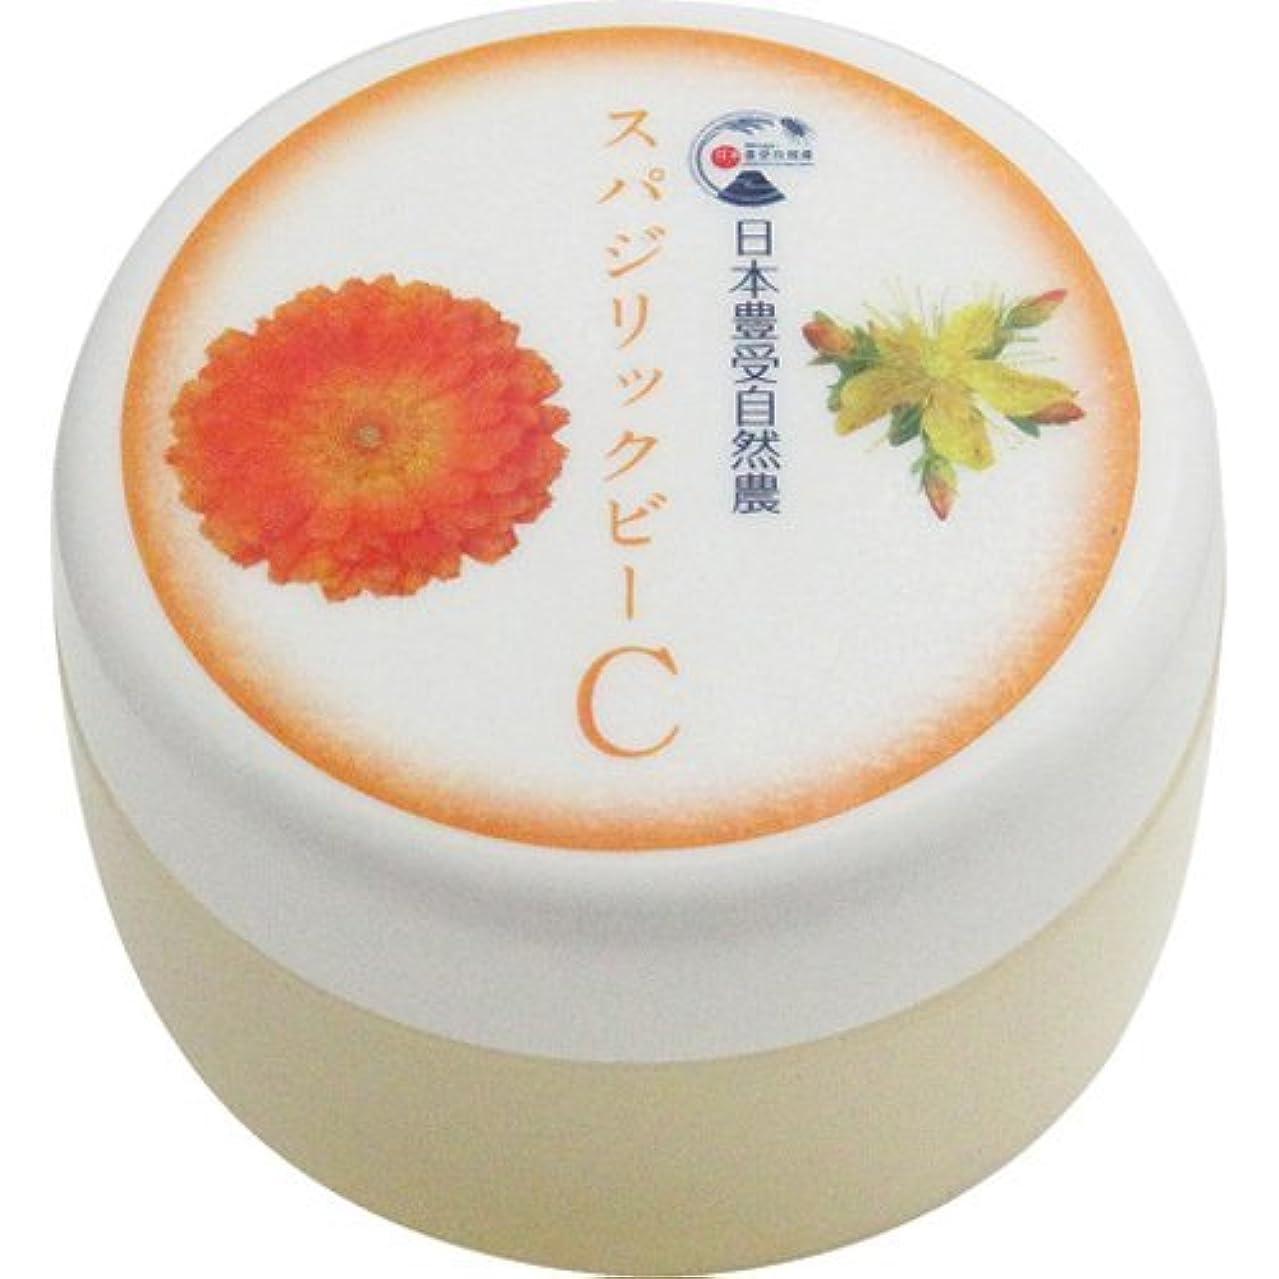 硫黄愛国的な社会日本豊受自然農 スパジリック ビーC(大) 45g